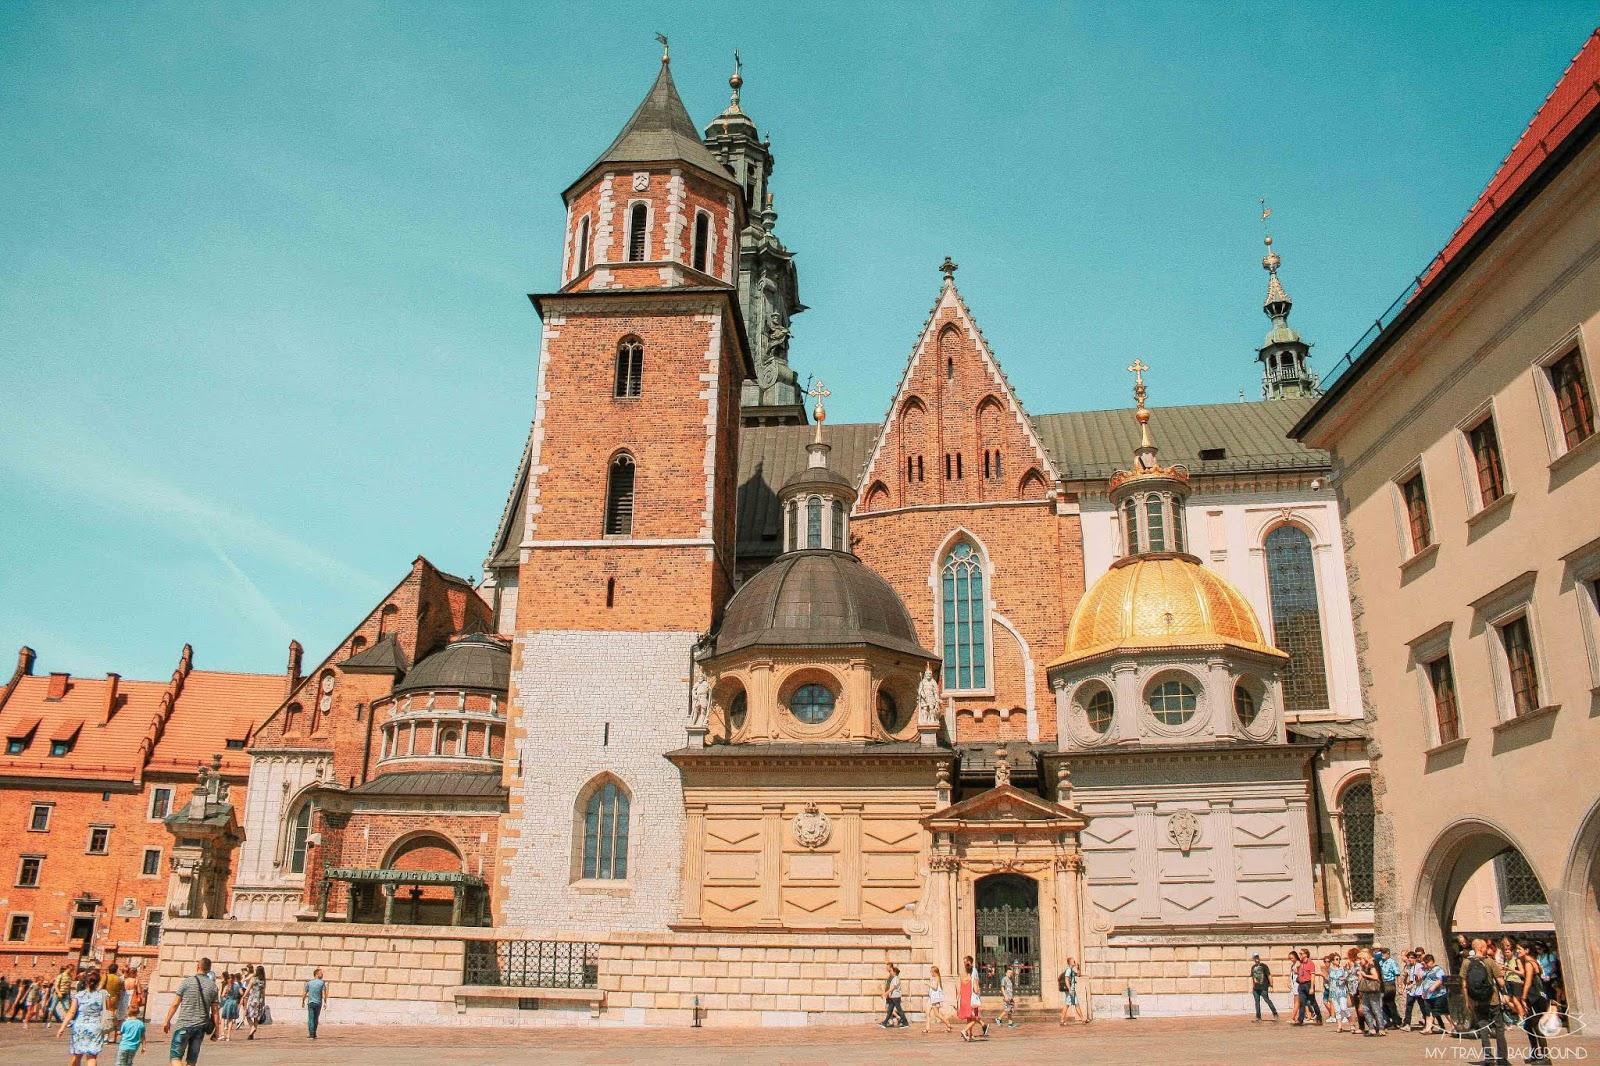 My Travel Background : Cracovie en Pologne, mon top 10 pour visiter la ville - Cathédrale du Wawel